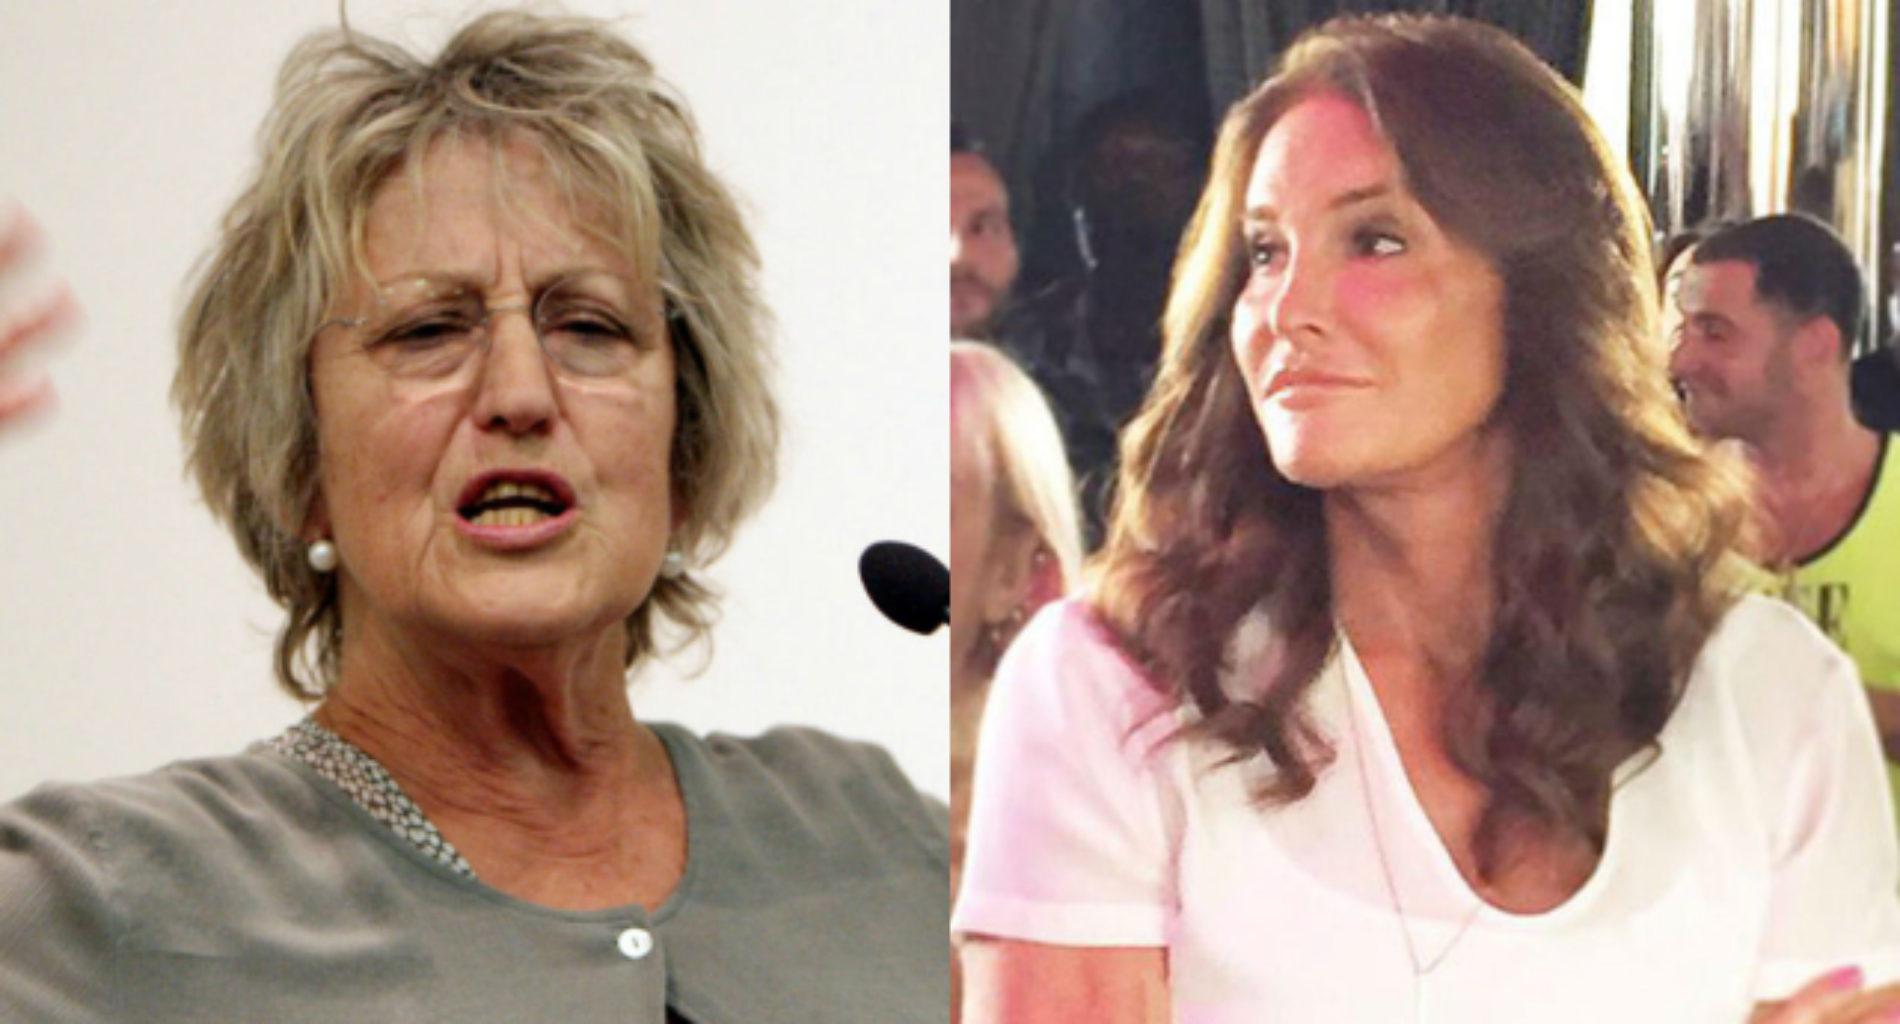 Feminist Germaine Greer Goes on Anti-Trans Rant Over Caitlyn Jenner